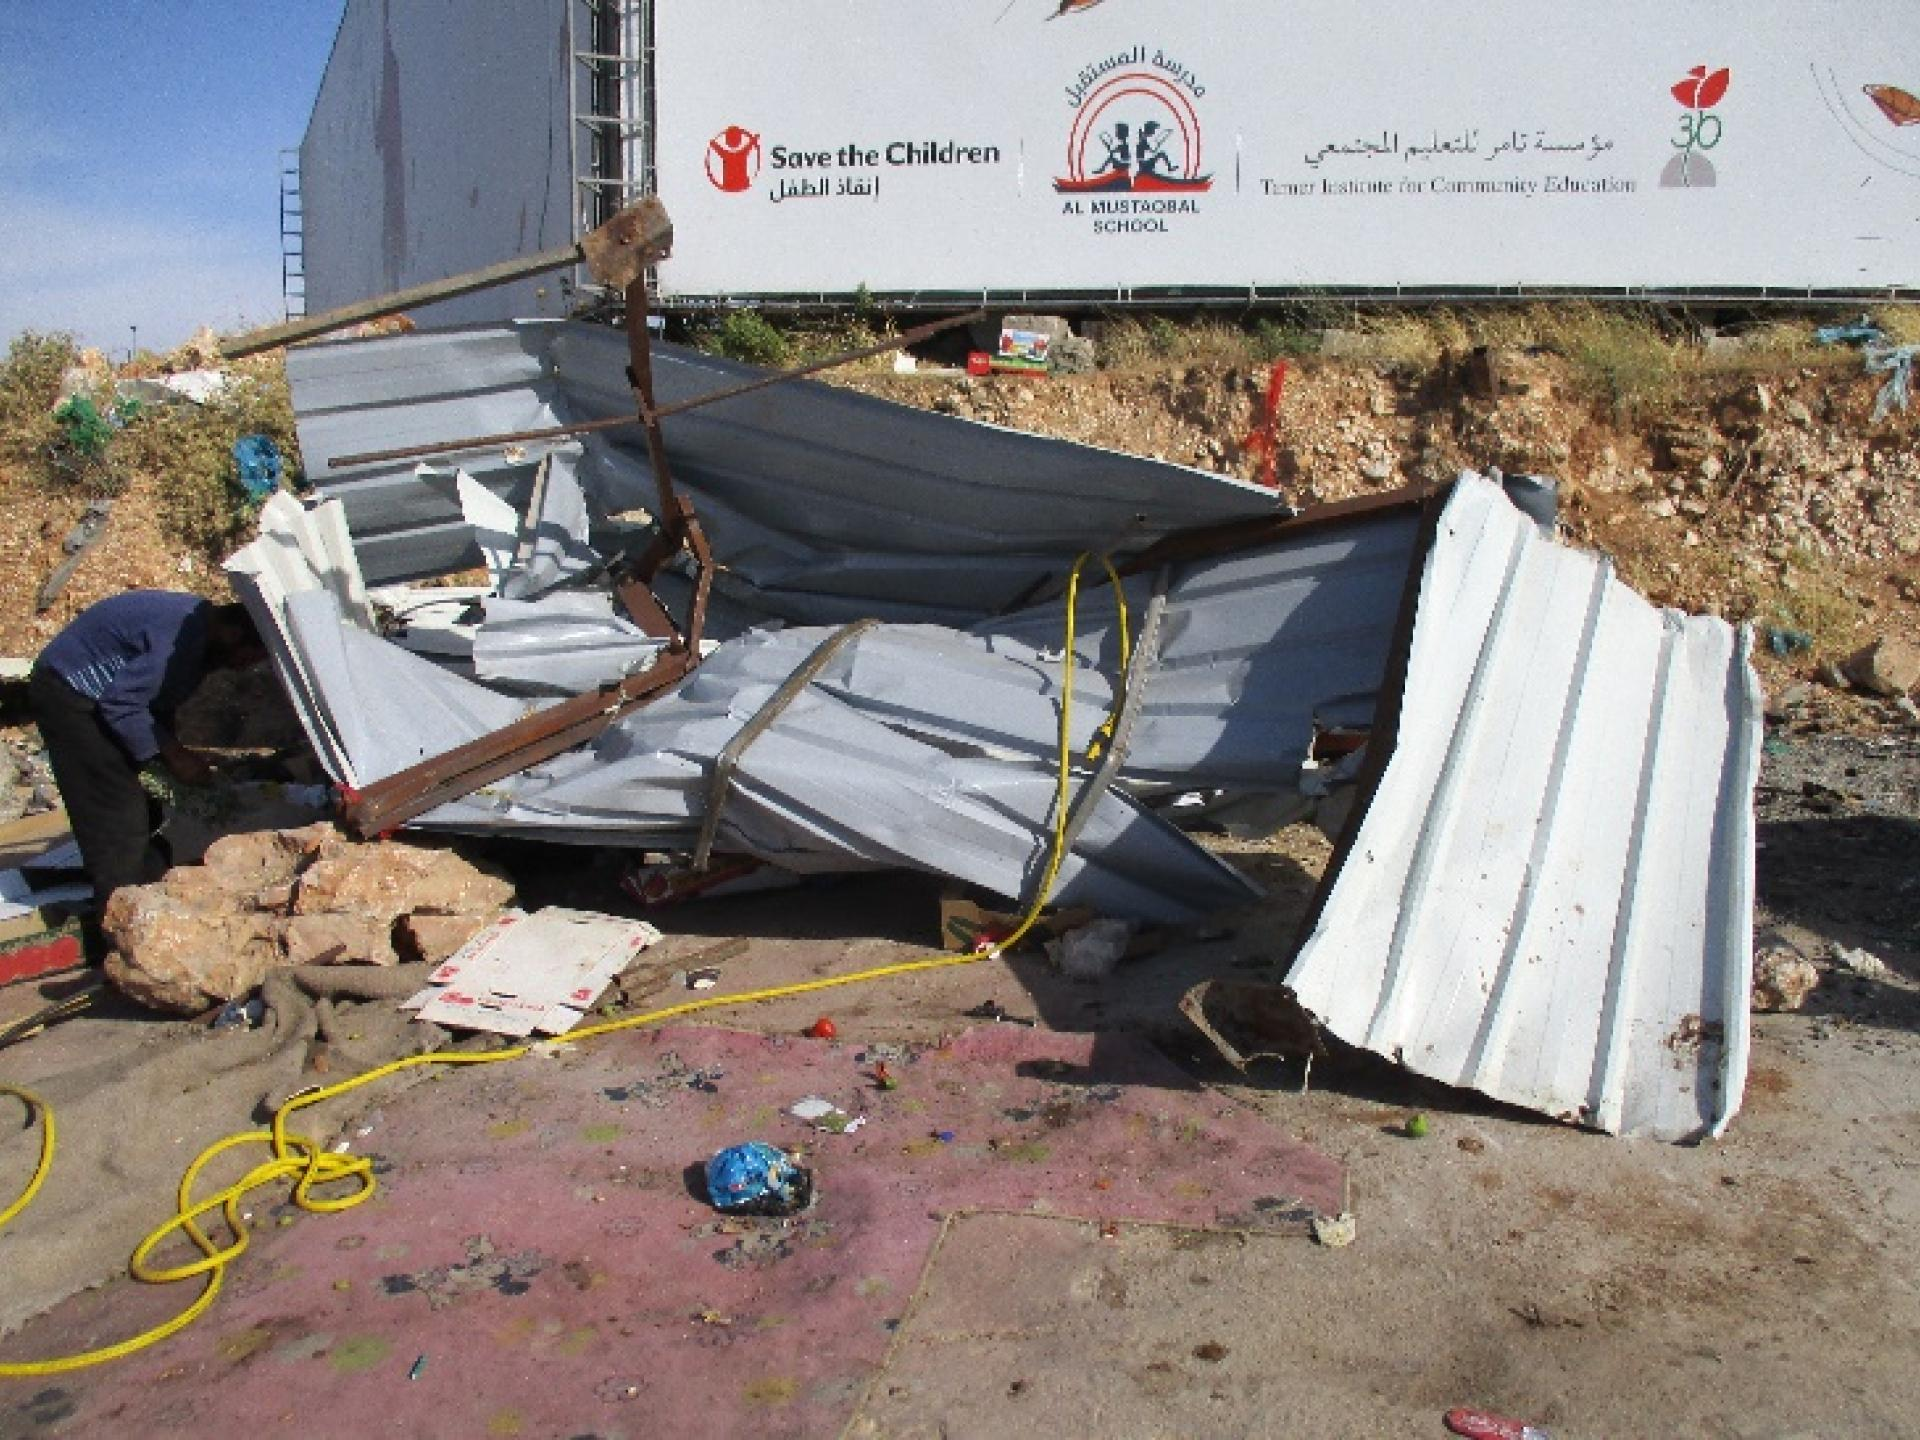 שאריות דוכני הפלסטינים שהחיילים הרסו